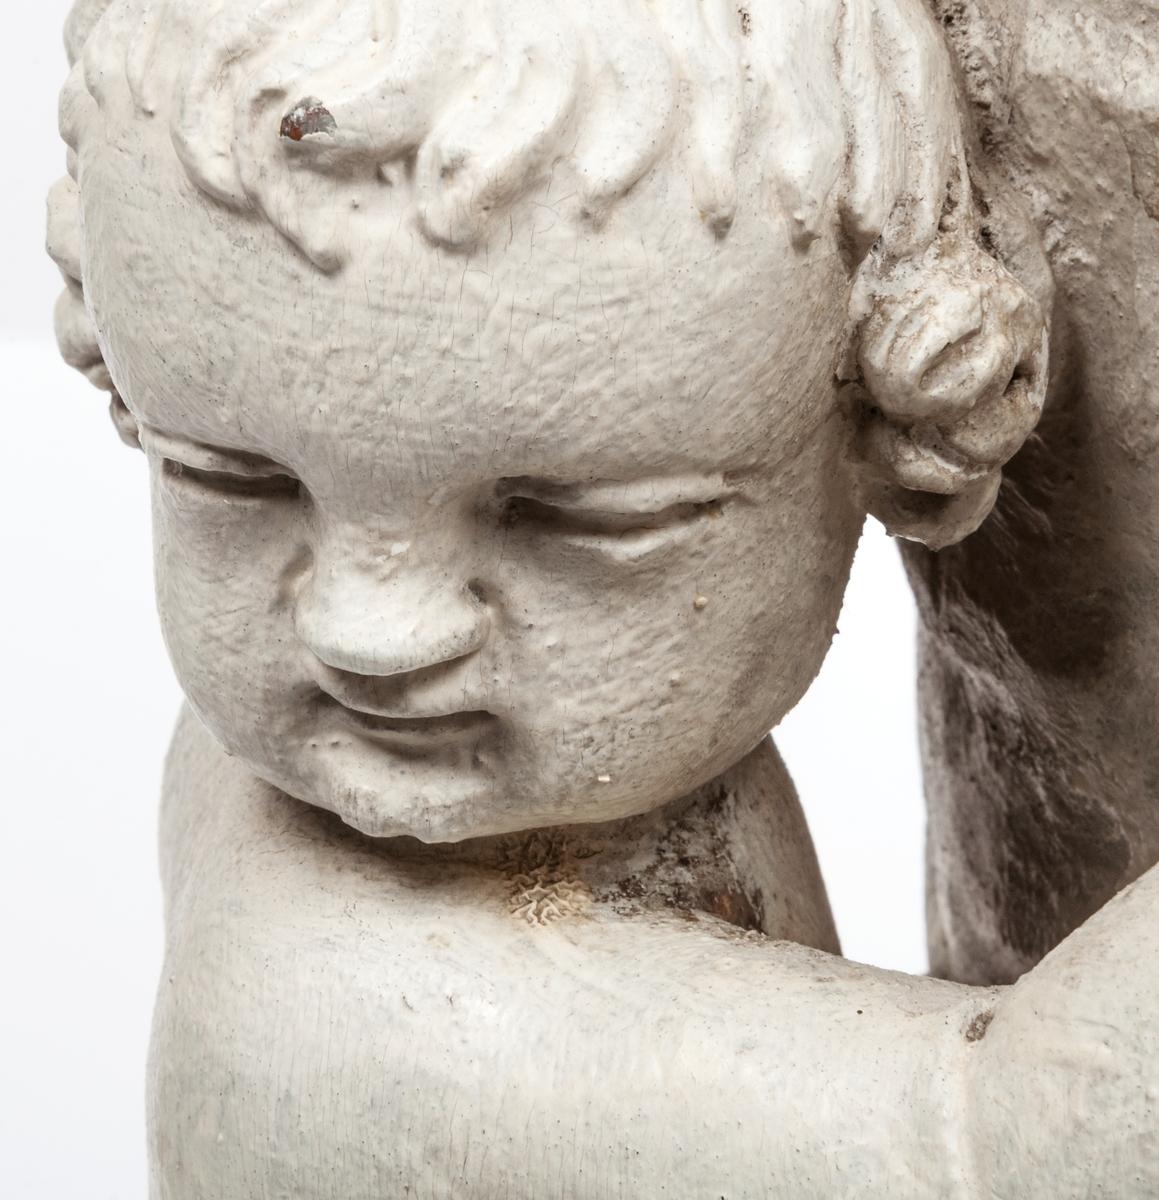 Kyrklig skulptur, trä, staty från gamla korskranket i Heliga Trefaldighets kyrka i Gävle, av Ewert Friis omkring 1665.   Stående kvinnofigur med naket barn på vänster arm samt stående naket barn vid höger sida. Sistnämnda barn har ett brinnande hjärta i höger hand och kvinnans vänstra hand på sitt huvud. Vänster ben är främst, foten avslagen. Sittande barnets ena ben och andra fot avslagna.  Fyrsidigt, profilerat postament.  Gråvit färg.